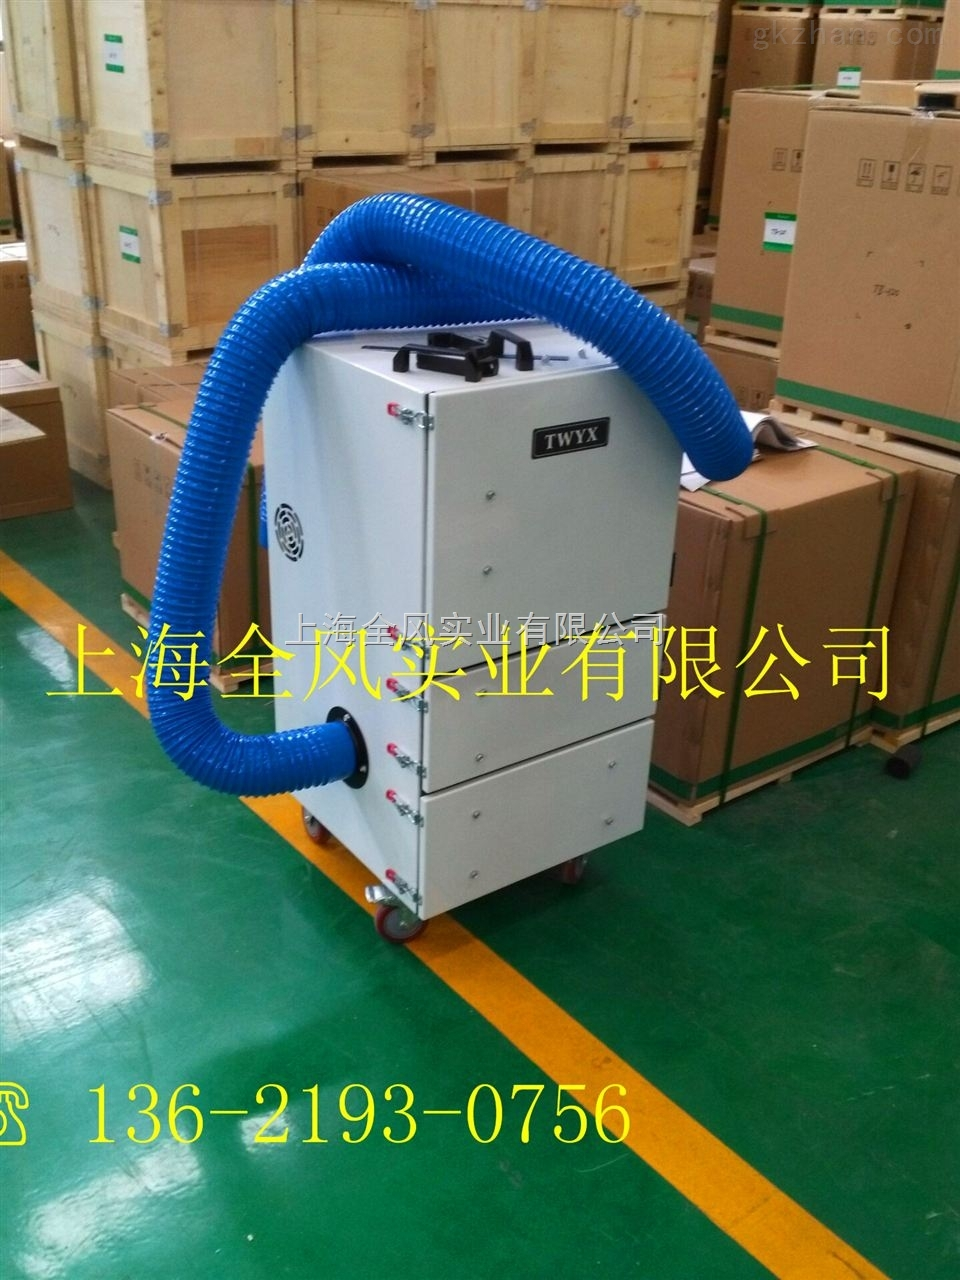 >> 【详细说明】        箱体式吸尘器,柜式吸尘器,工业